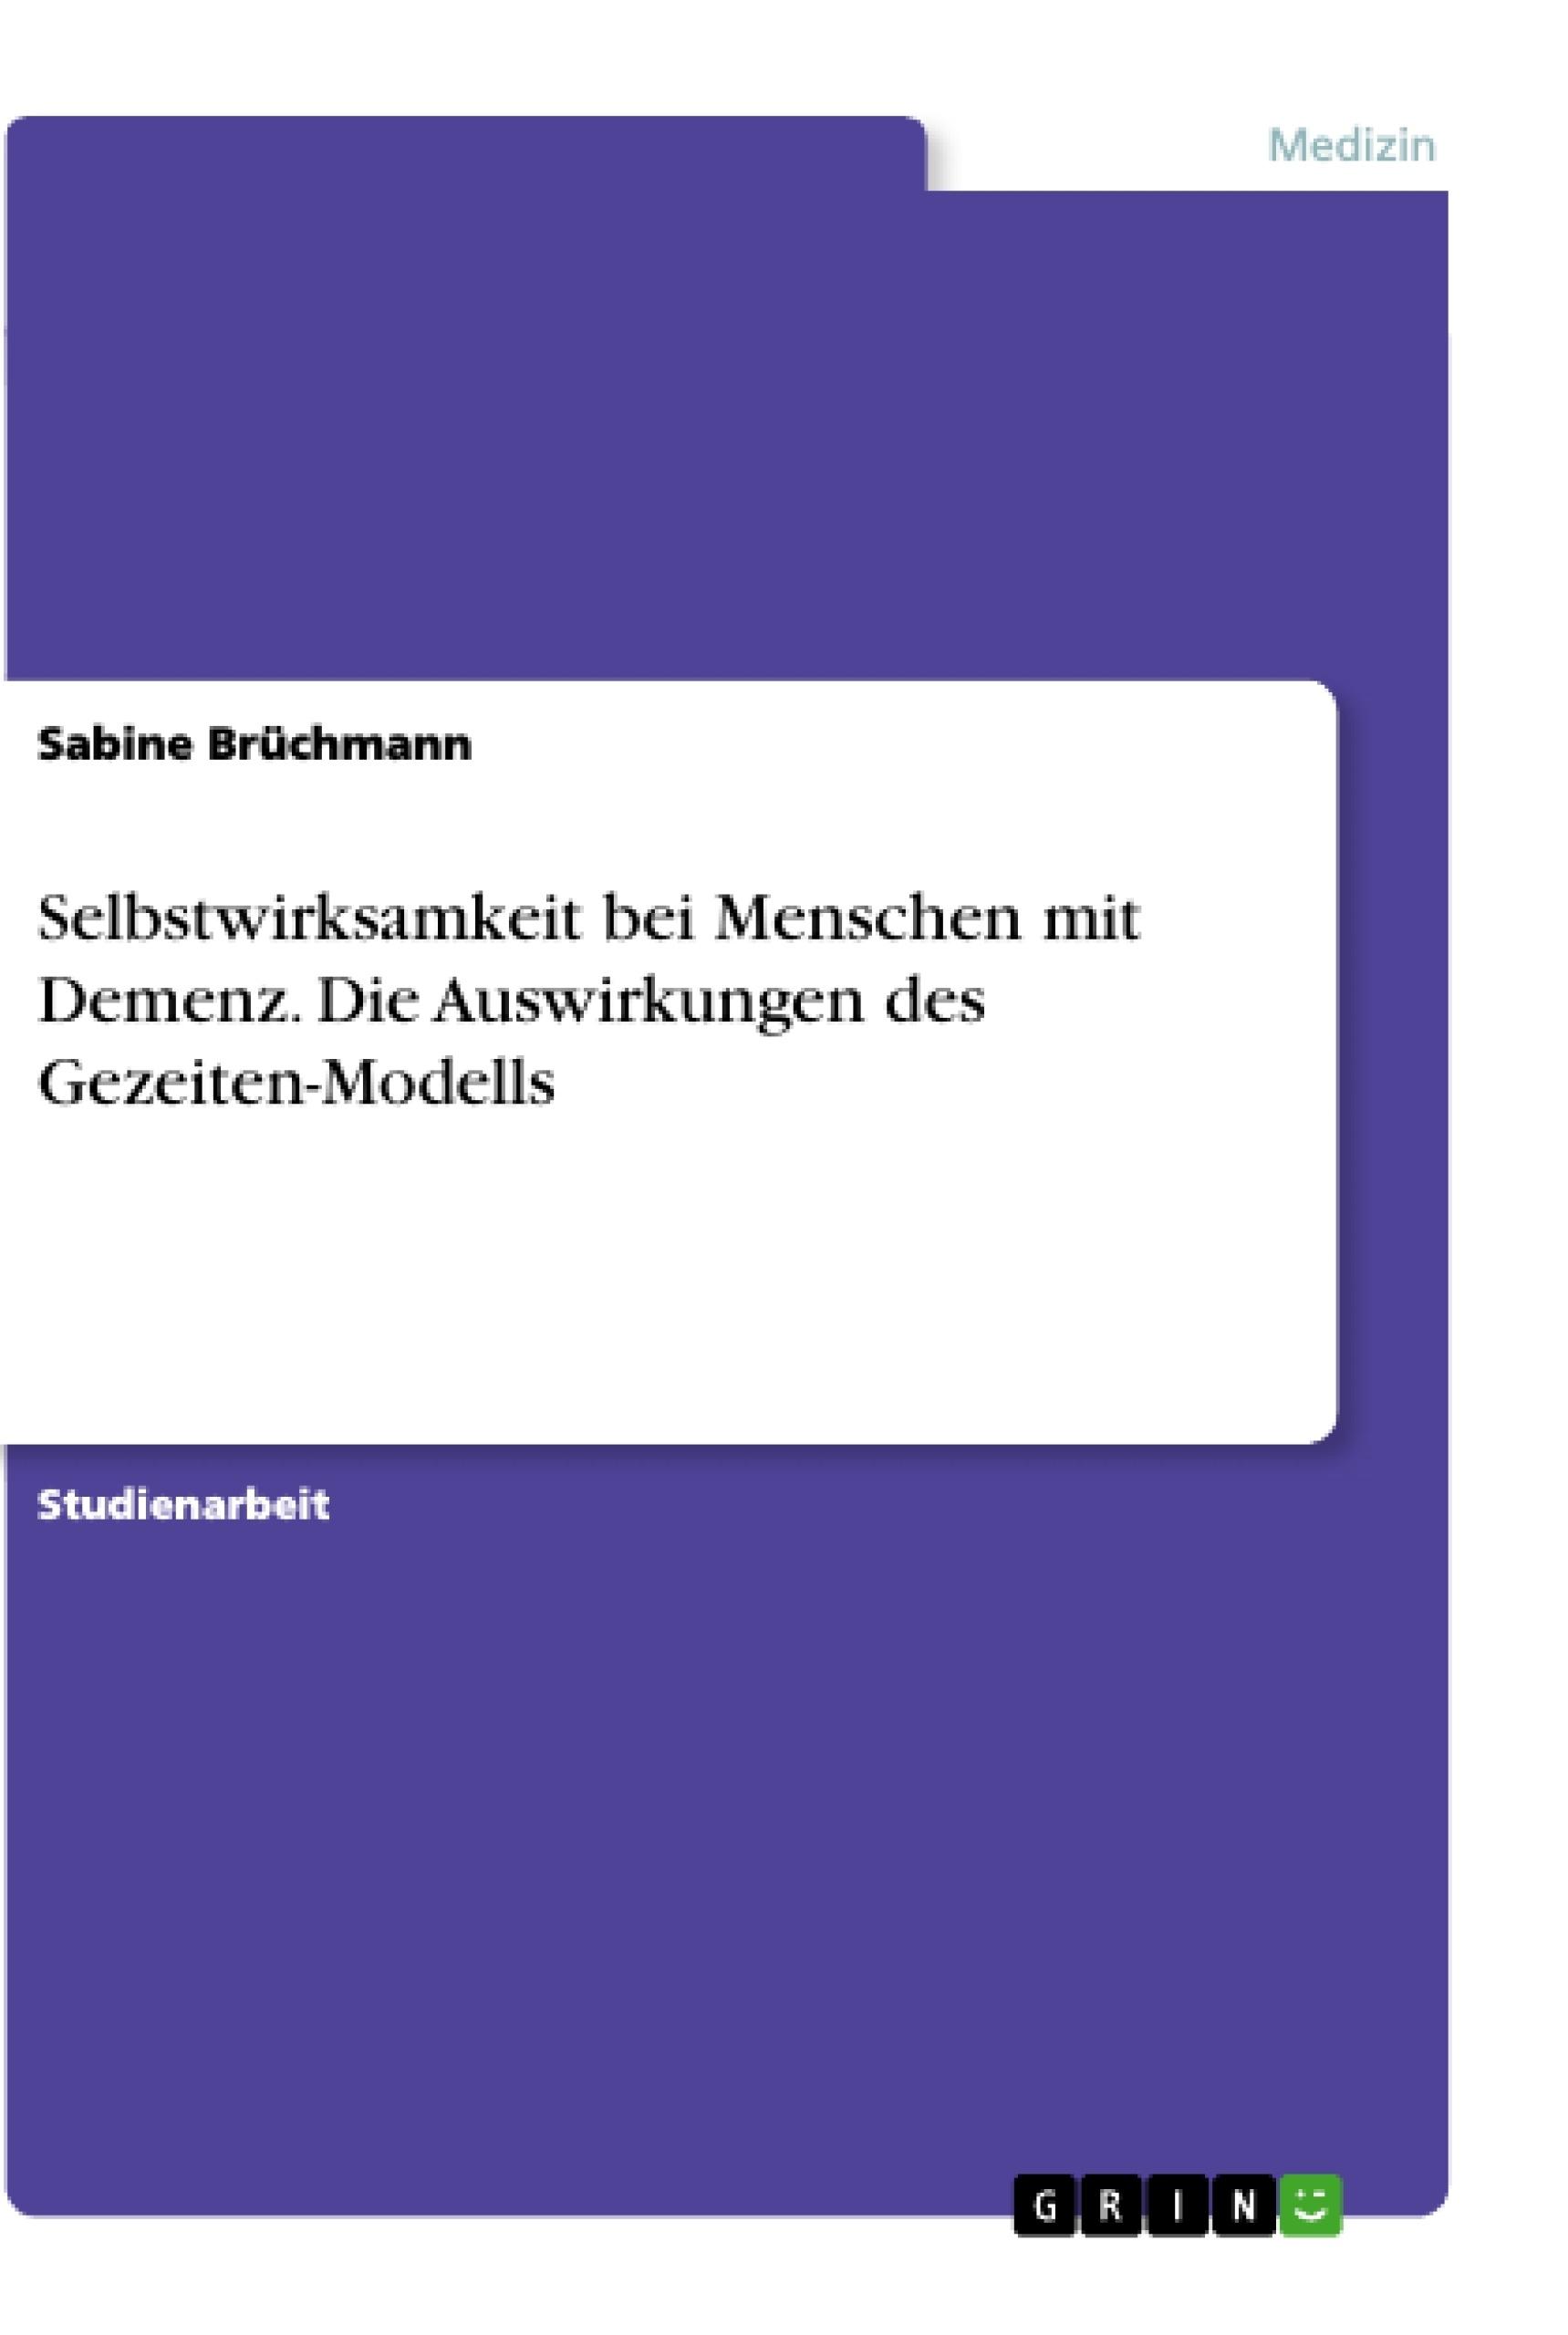 Titel: Selbstwirksamkeit bei Menschen mit Demenz. Die Auswirkungen des Gezeiten-Modells